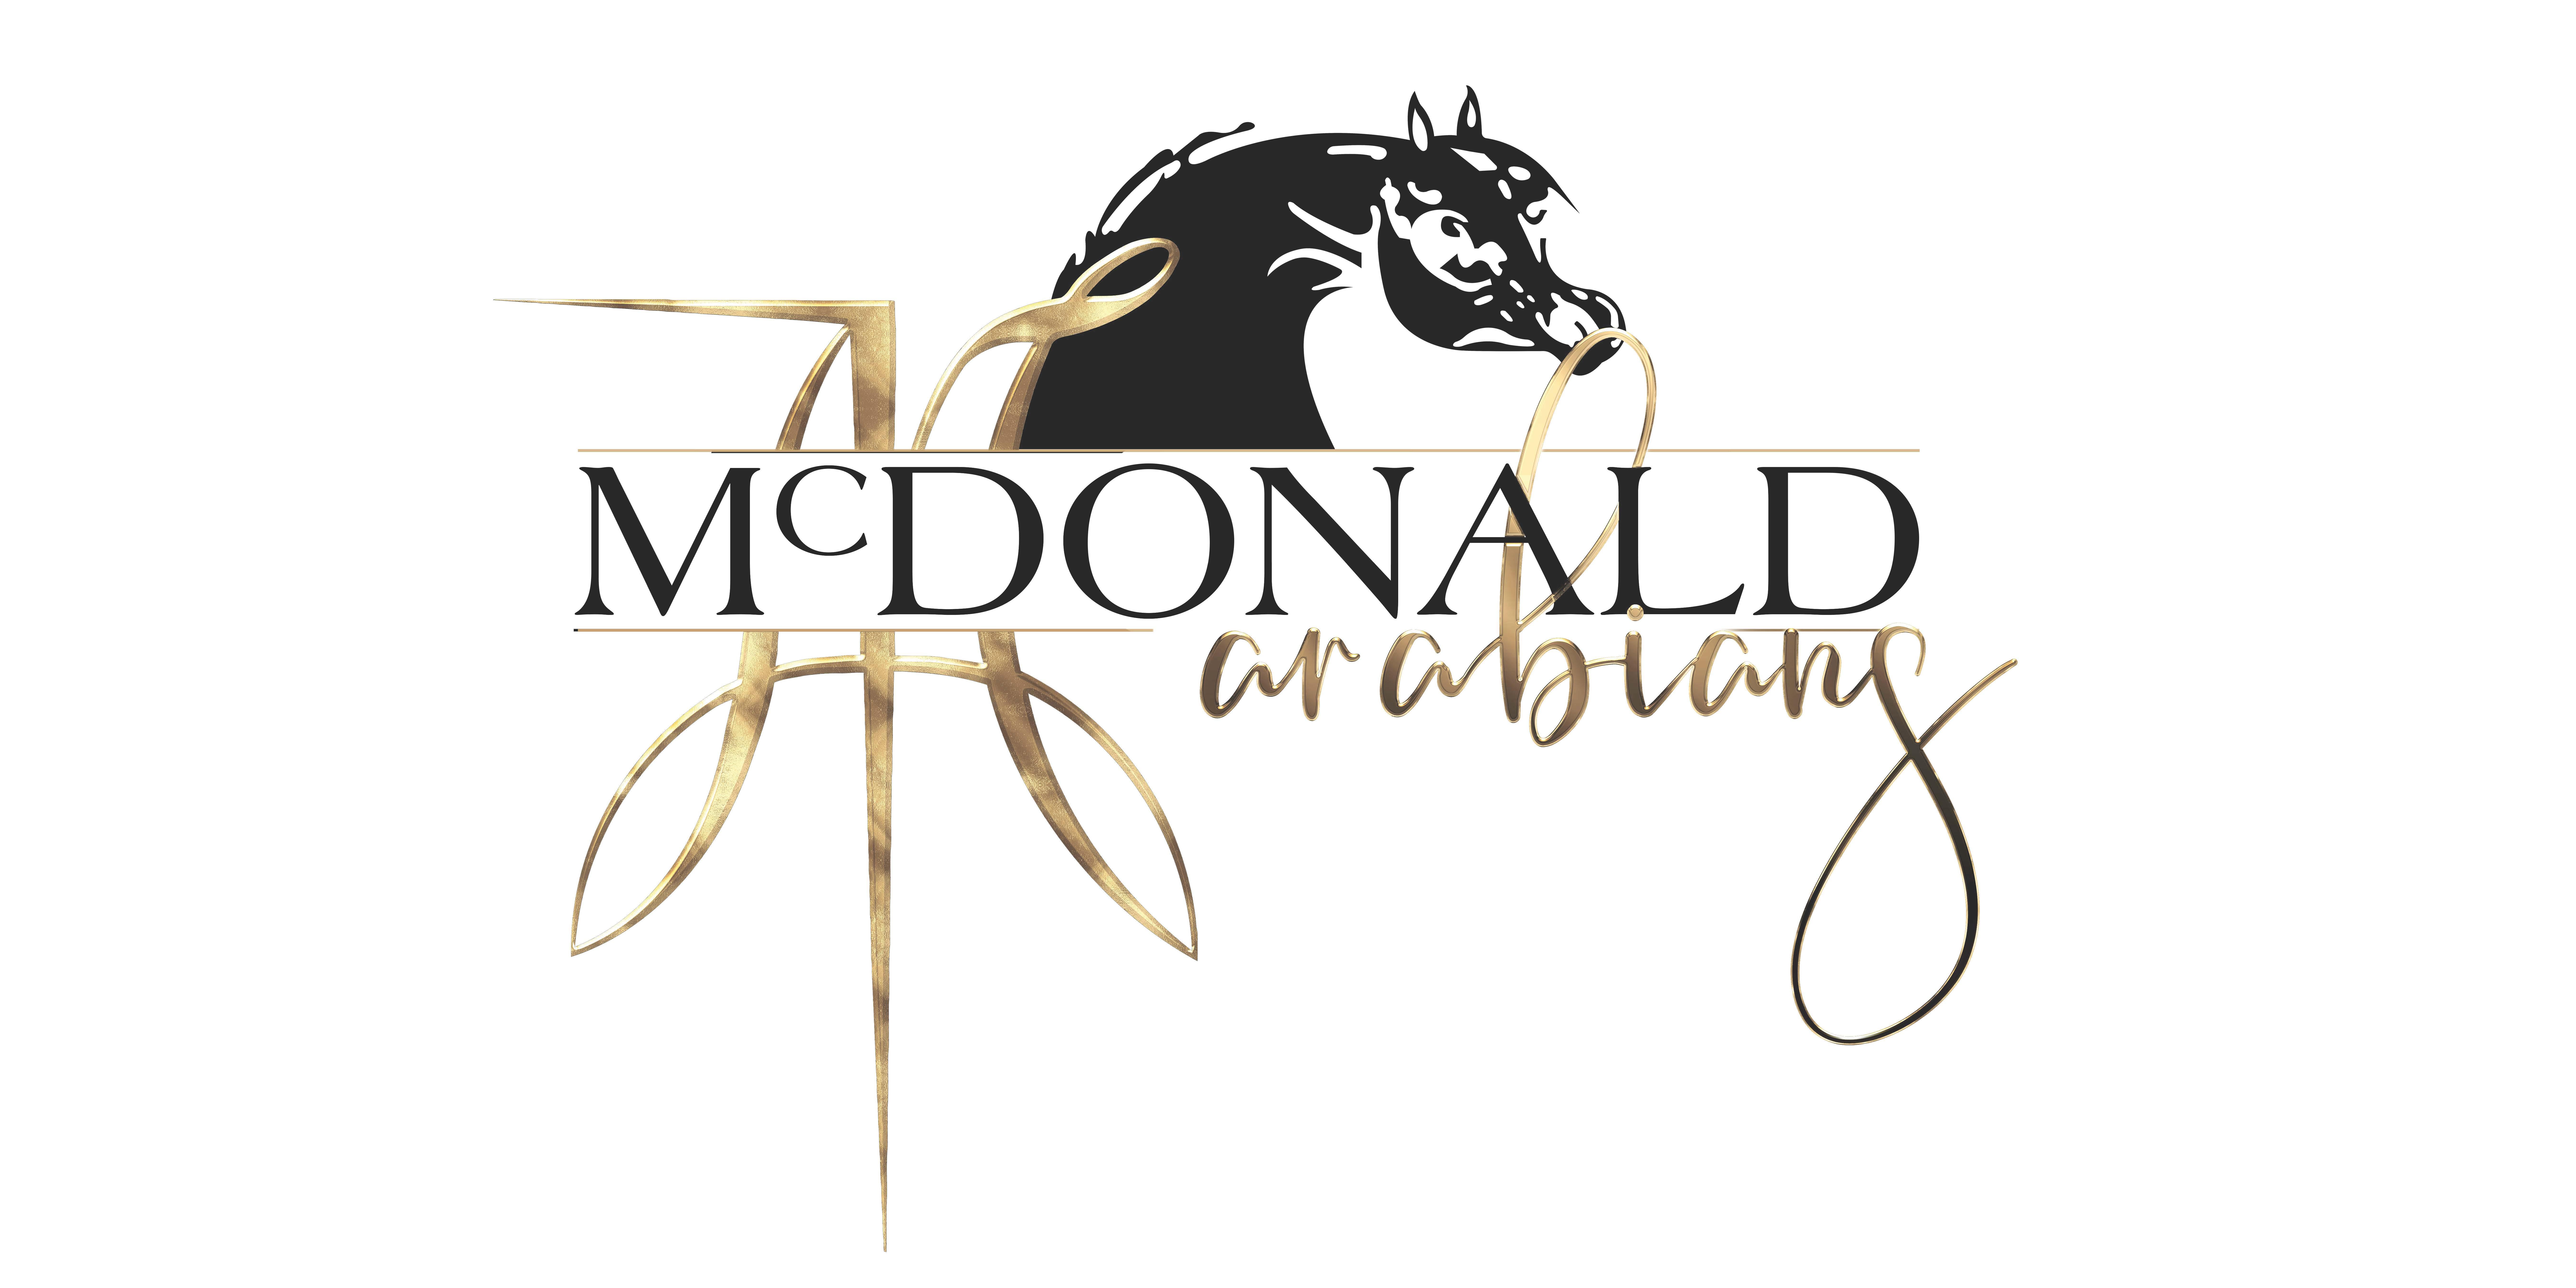 McDonald Arabians